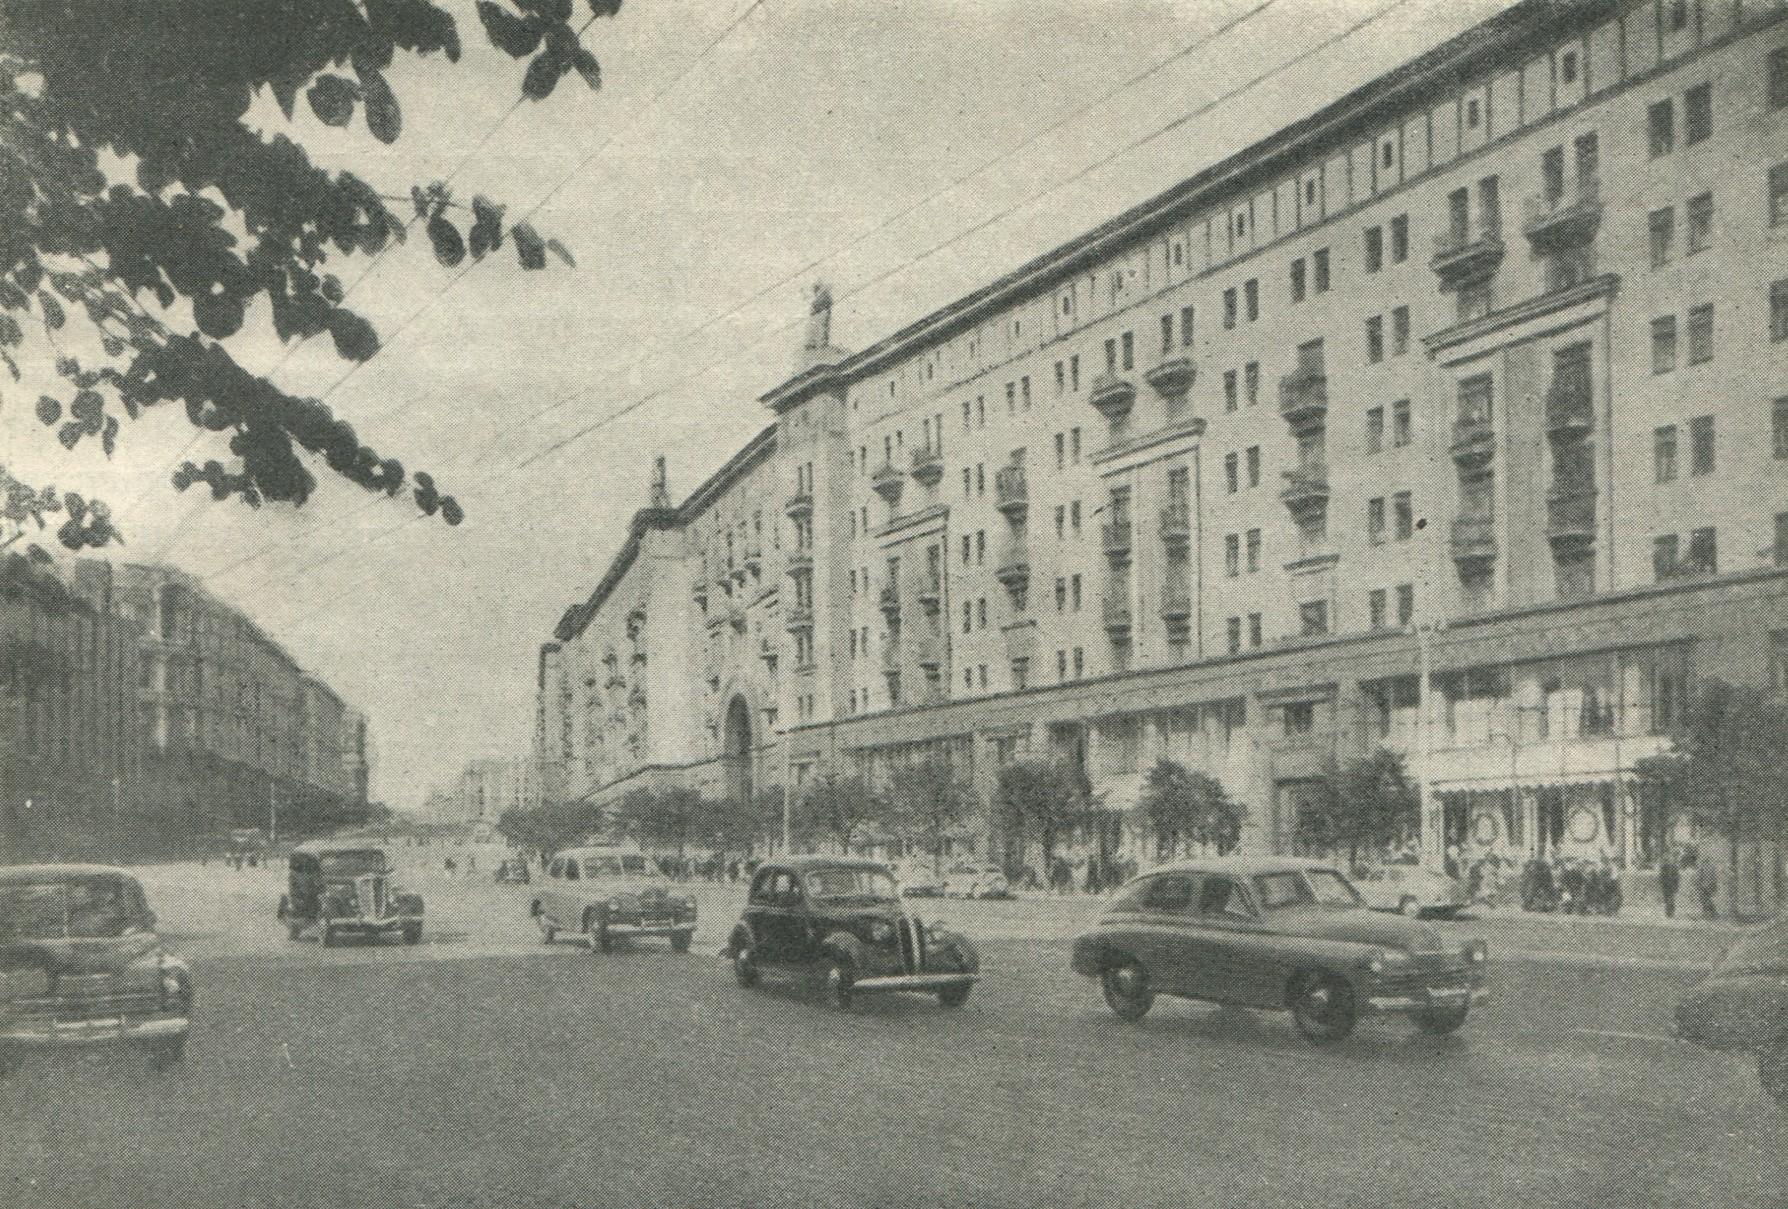 47cd37f92d48 Среди них выделяется своими бесспорными достоинствами, благородной  простотой линий и форм жилой дом (корпус «Е») на Советской площади.